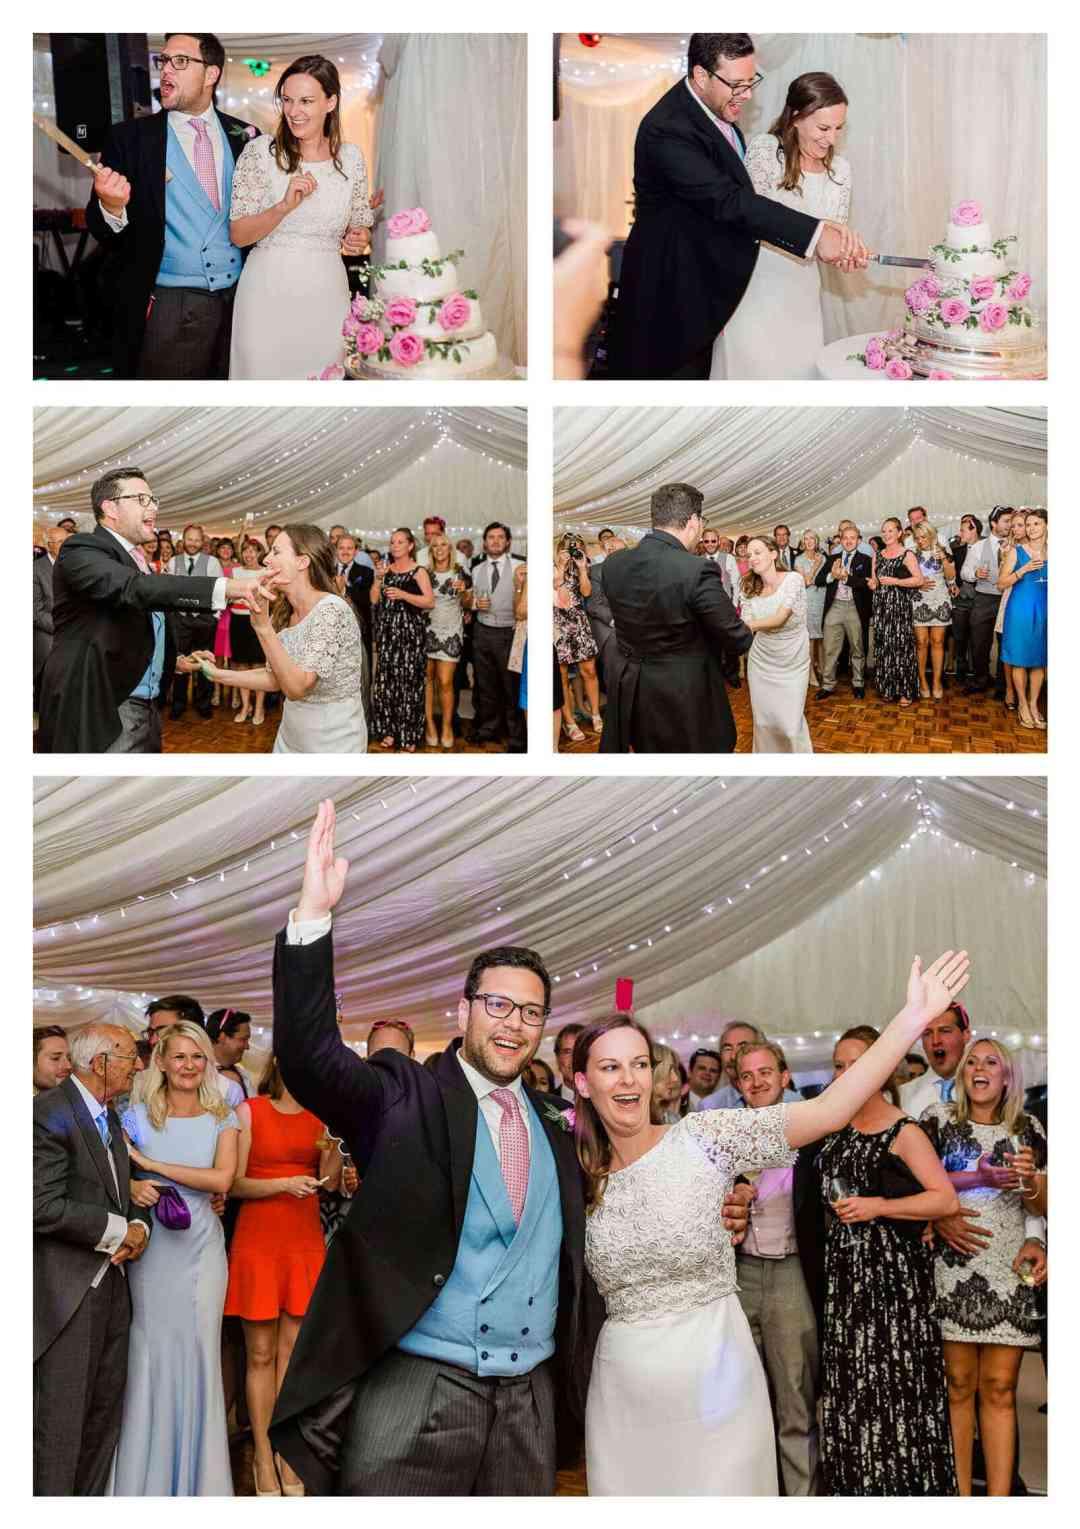 Private estate garden marquee wedding in West Itchenor | Chichester West-Sussex wedding photographer